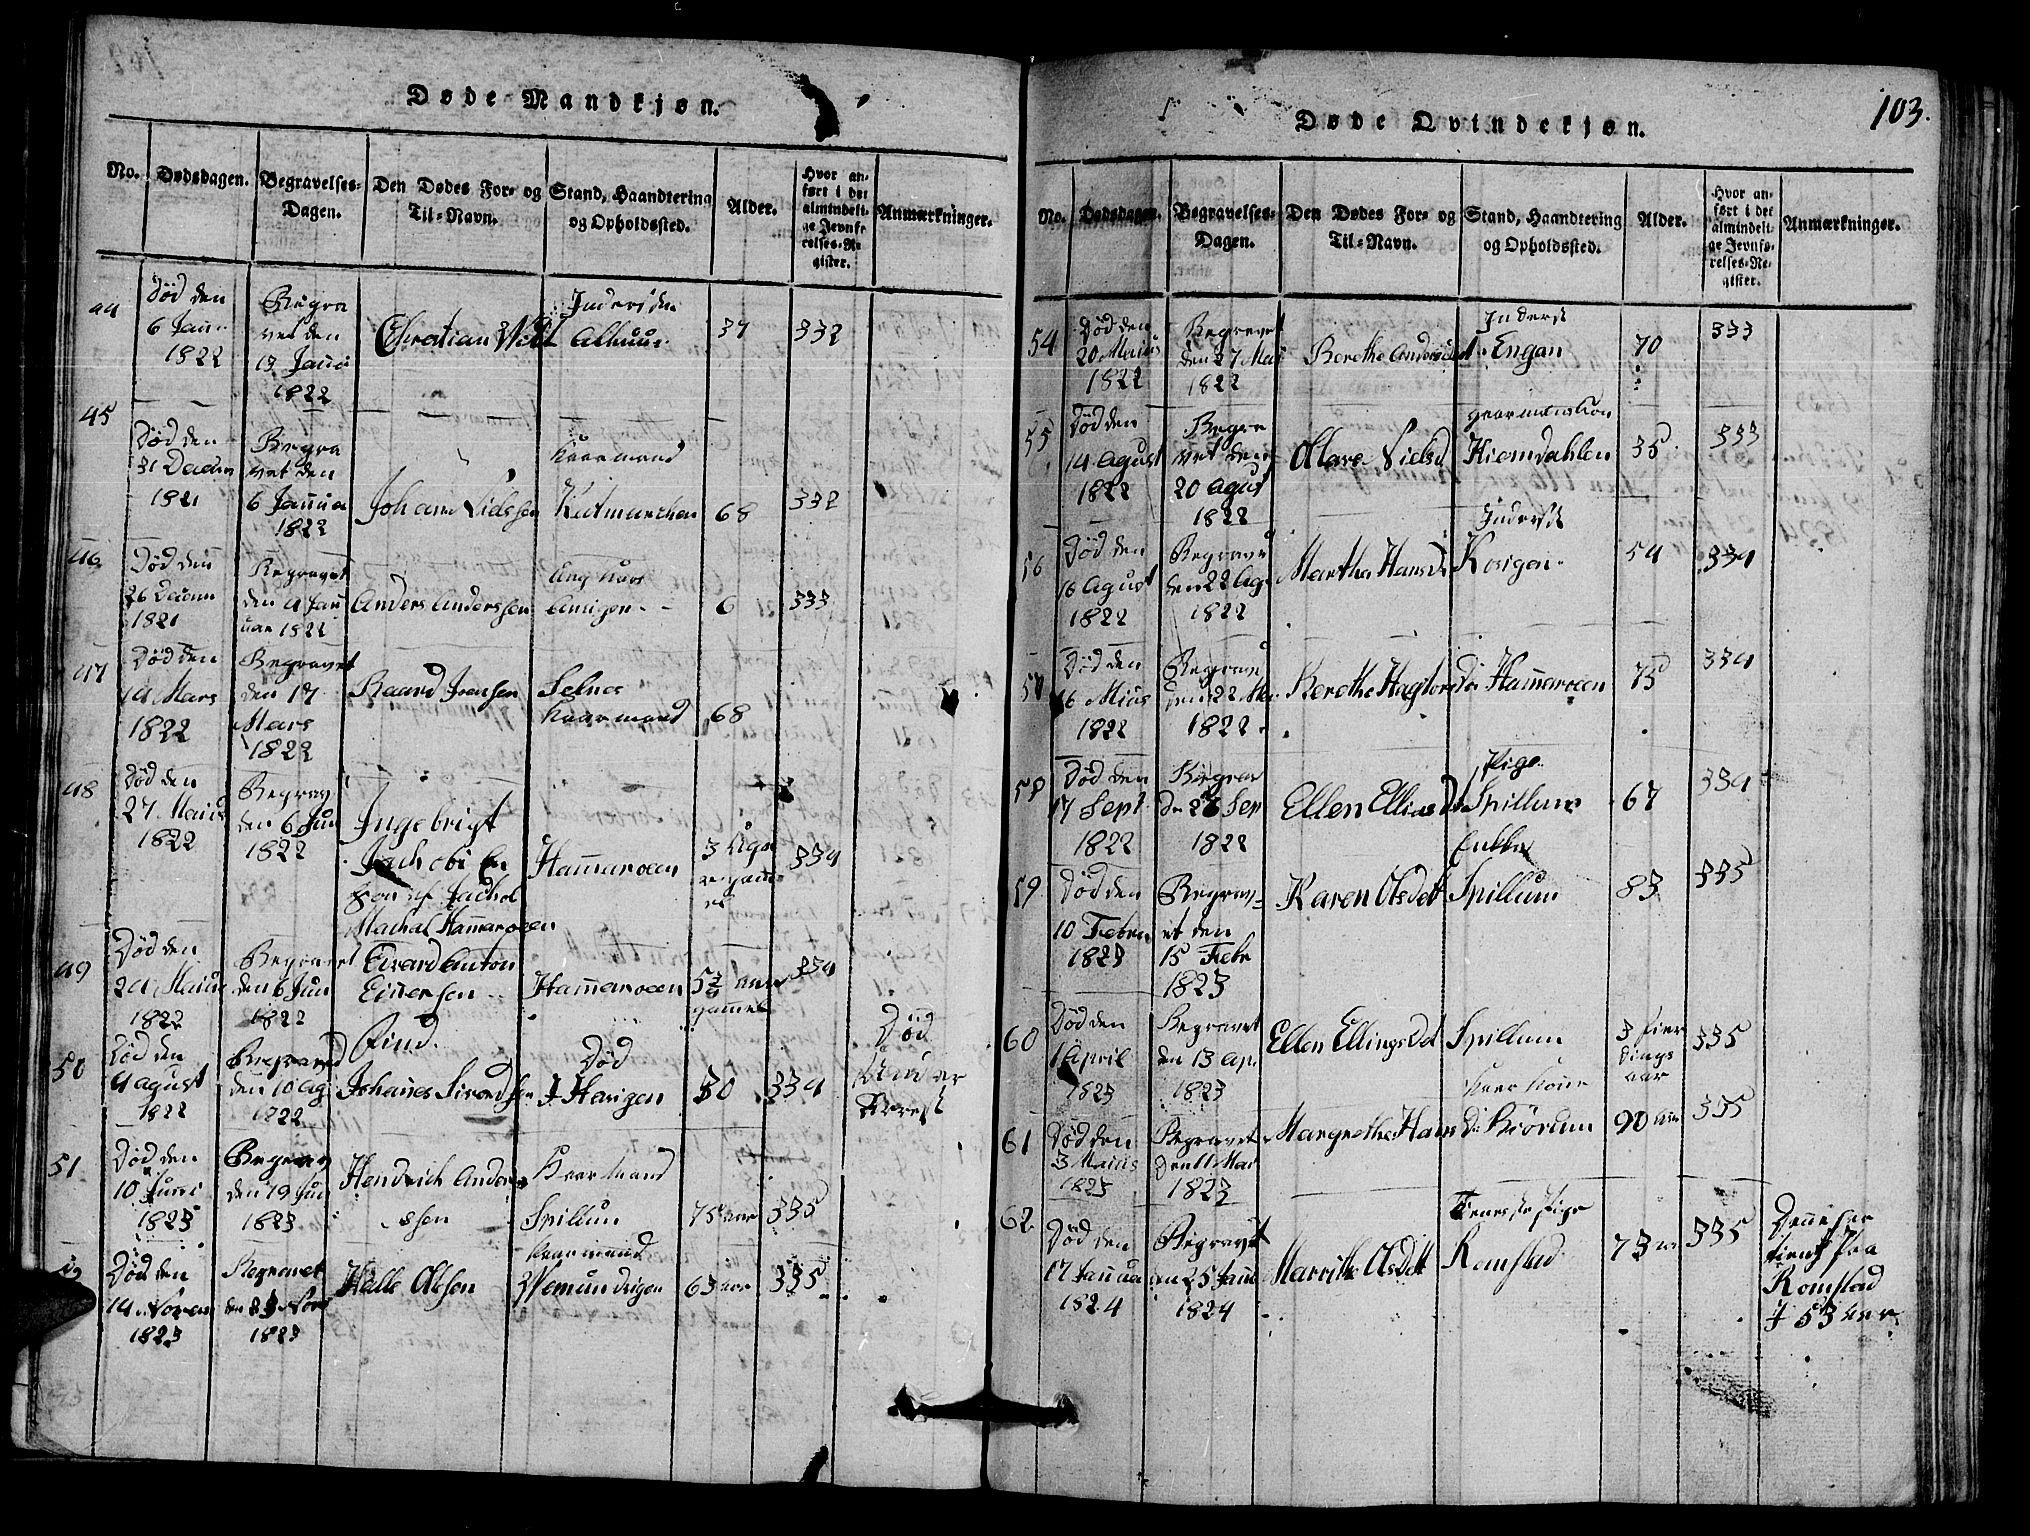 SAT, Ministerialprotokoller, klokkerbøker og fødselsregistre - Nord-Trøndelag, 770/L0590: Klokkerbok nr. 770C01, 1815-1824, s. 103